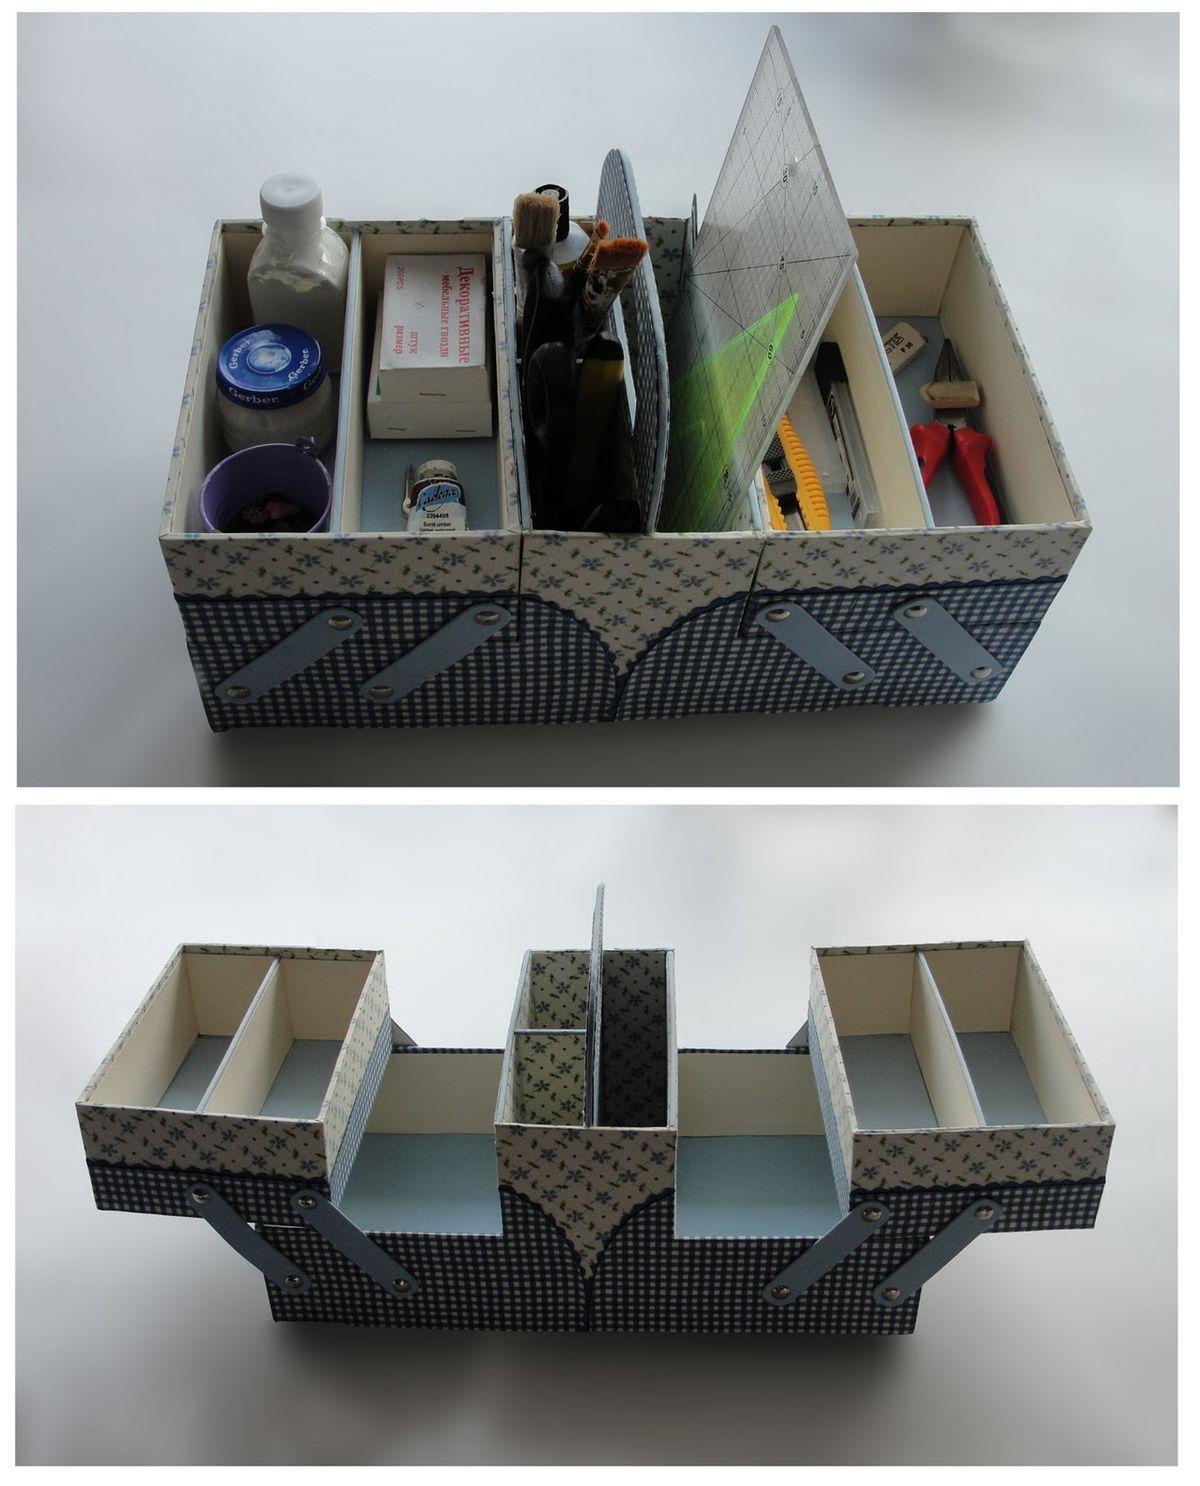 maleta de cartonagem ich projekte bastel werkstatt pinterest m ll pappe und f r zu hause. Black Bedroom Furniture Sets. Home Design Ideas